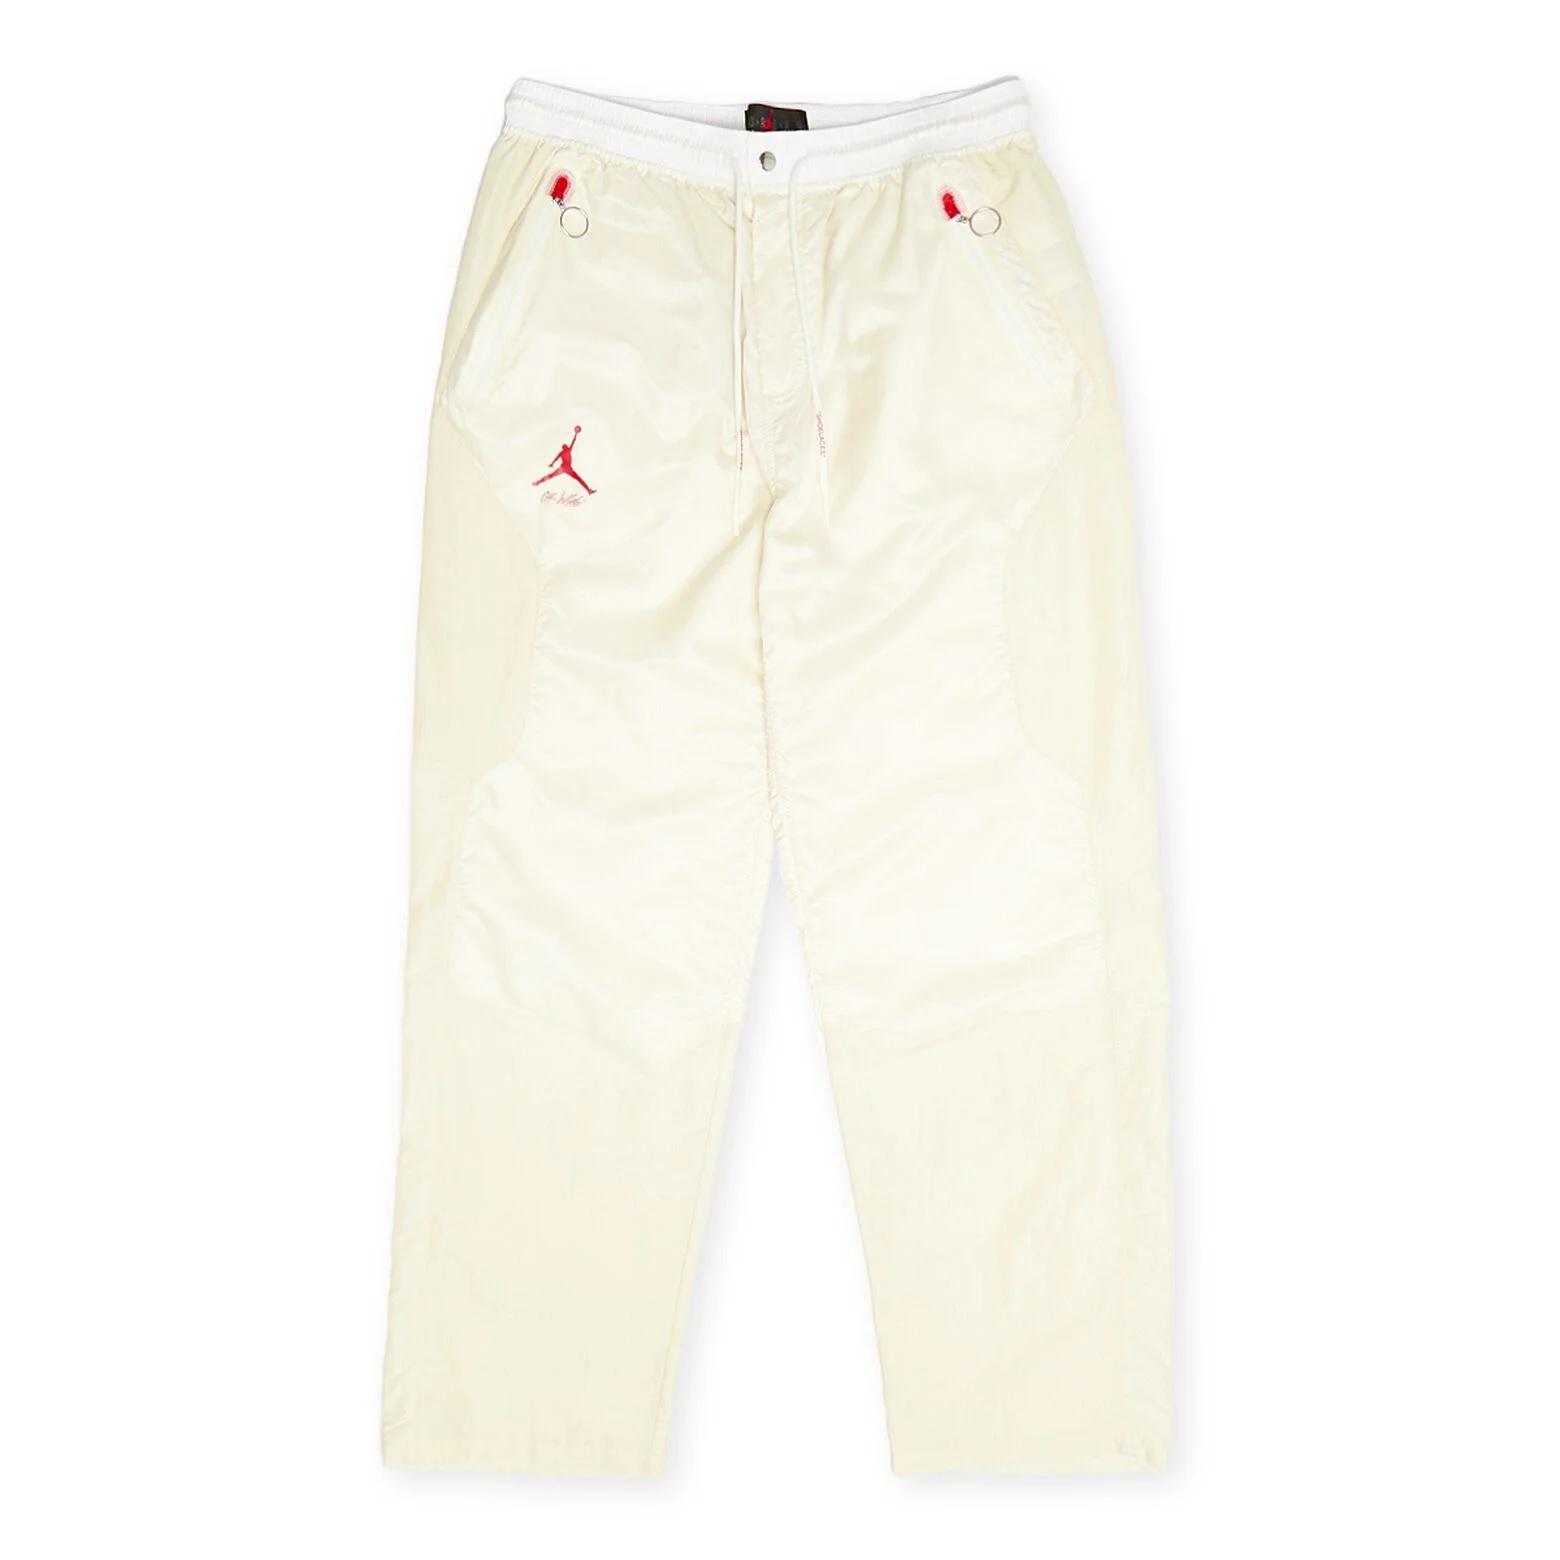 Off-White x Jordan Woven Pants 'Sail/Fossil'}